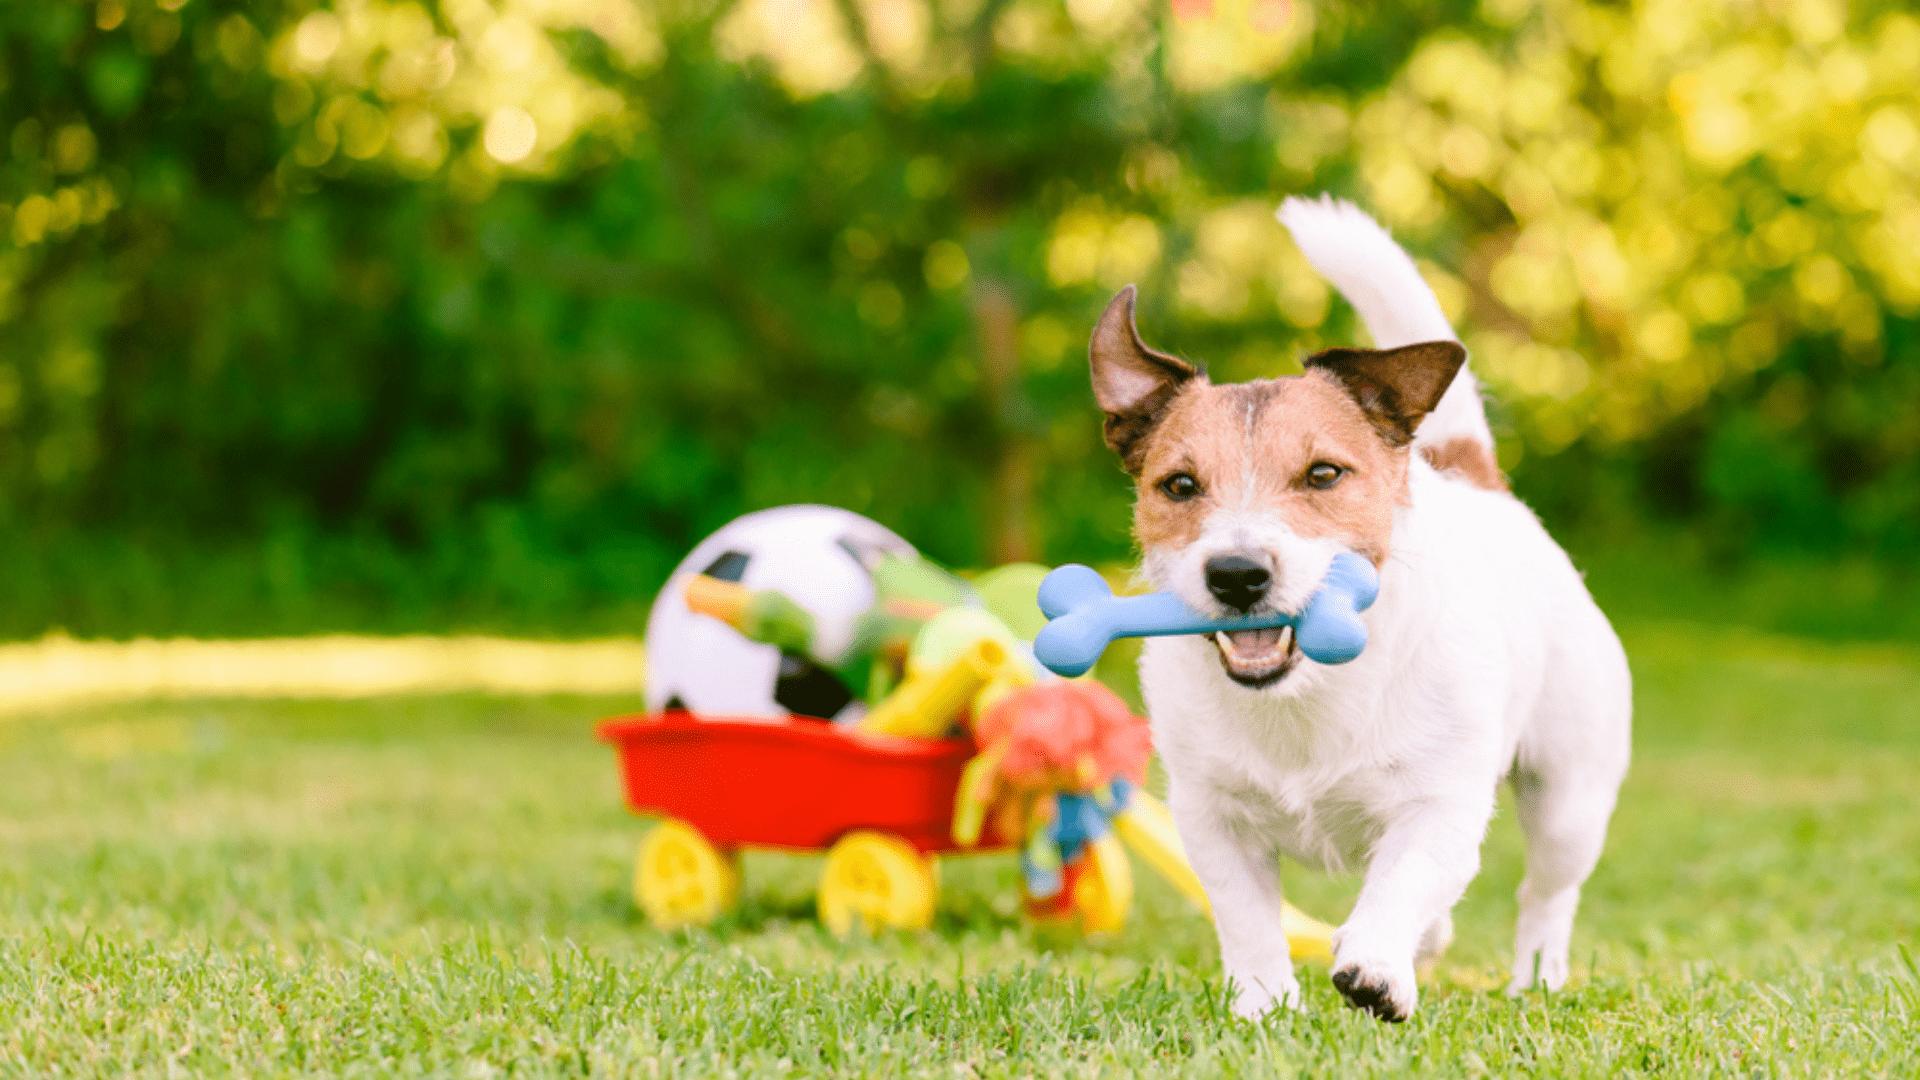 Veja quais são os melhores brinquedos para cachorro hiperativo! (Imagem: Reprodução/Shutterstock)